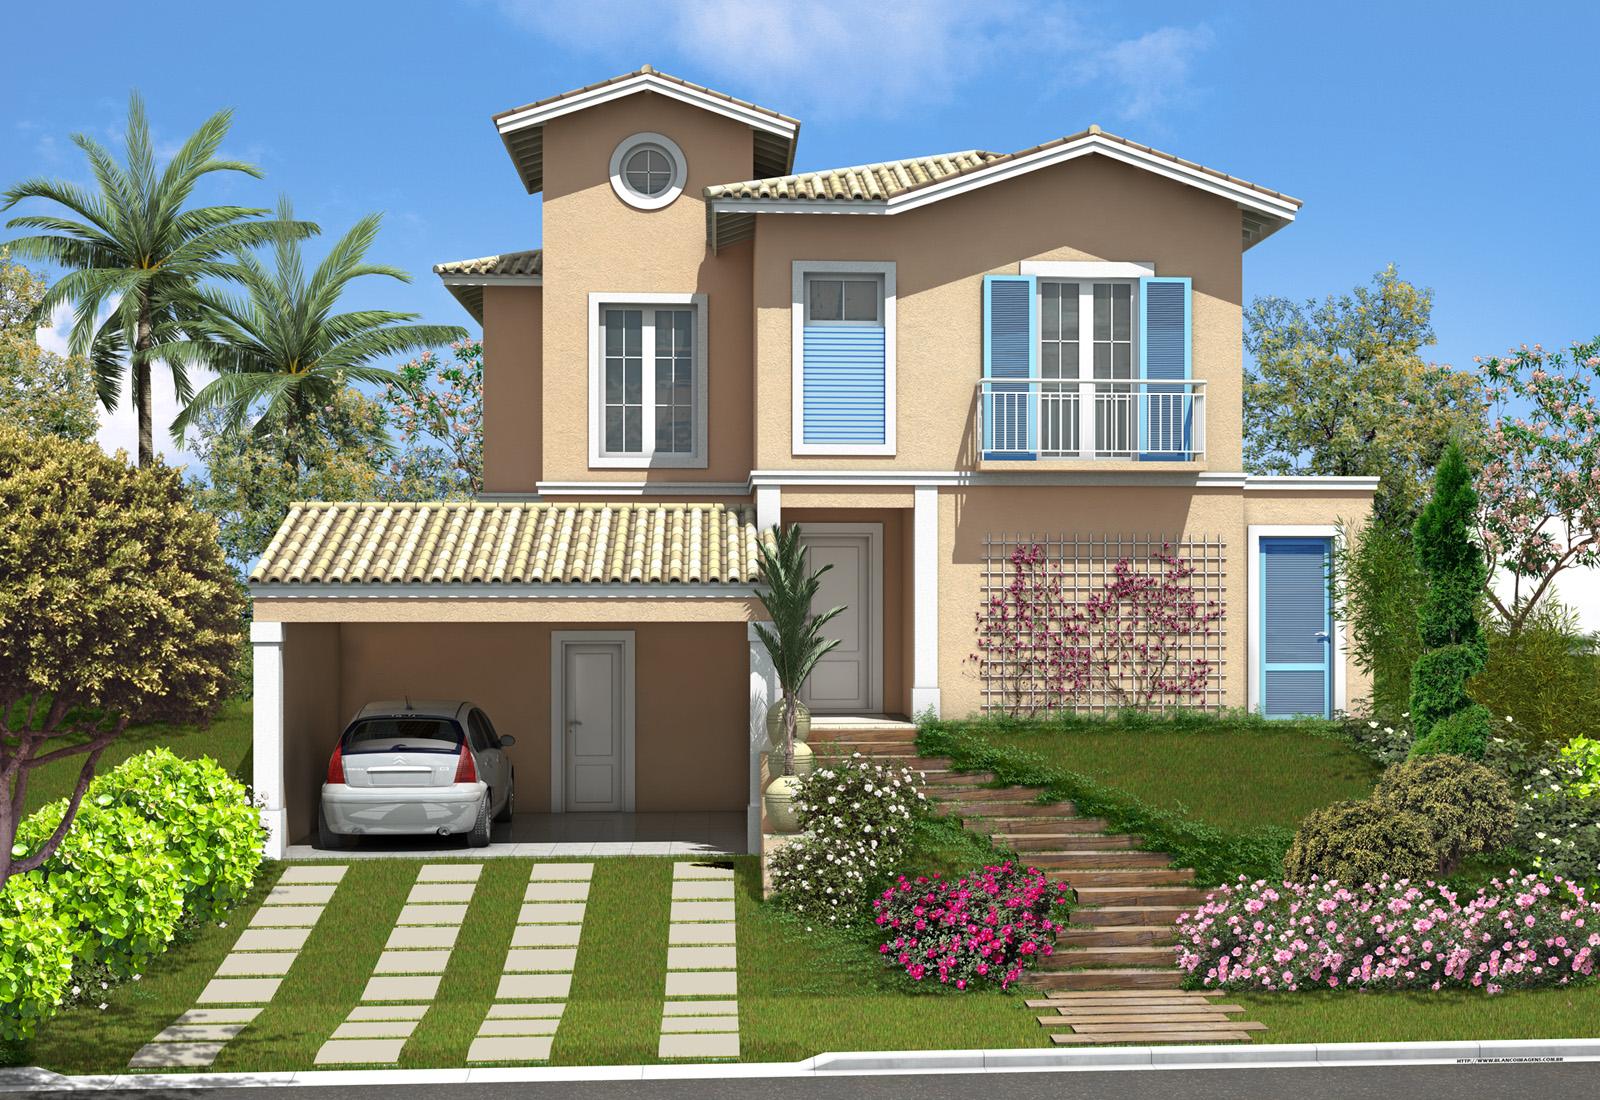 Fachadas - Ver jardines de casas ...